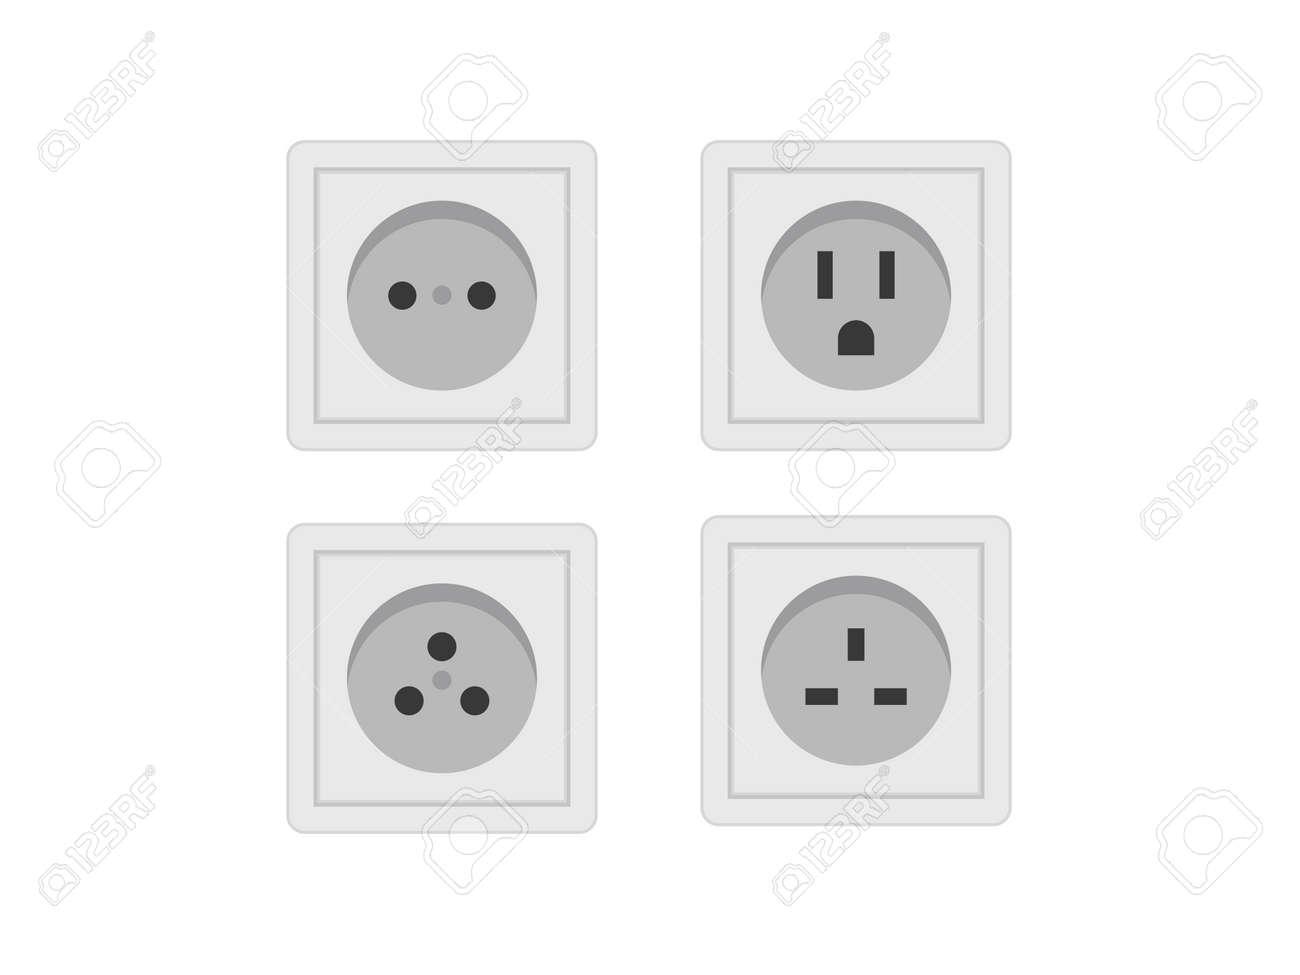 Socket icon set. Socket vector set illustration. Electricity socket set vector. - 159197417